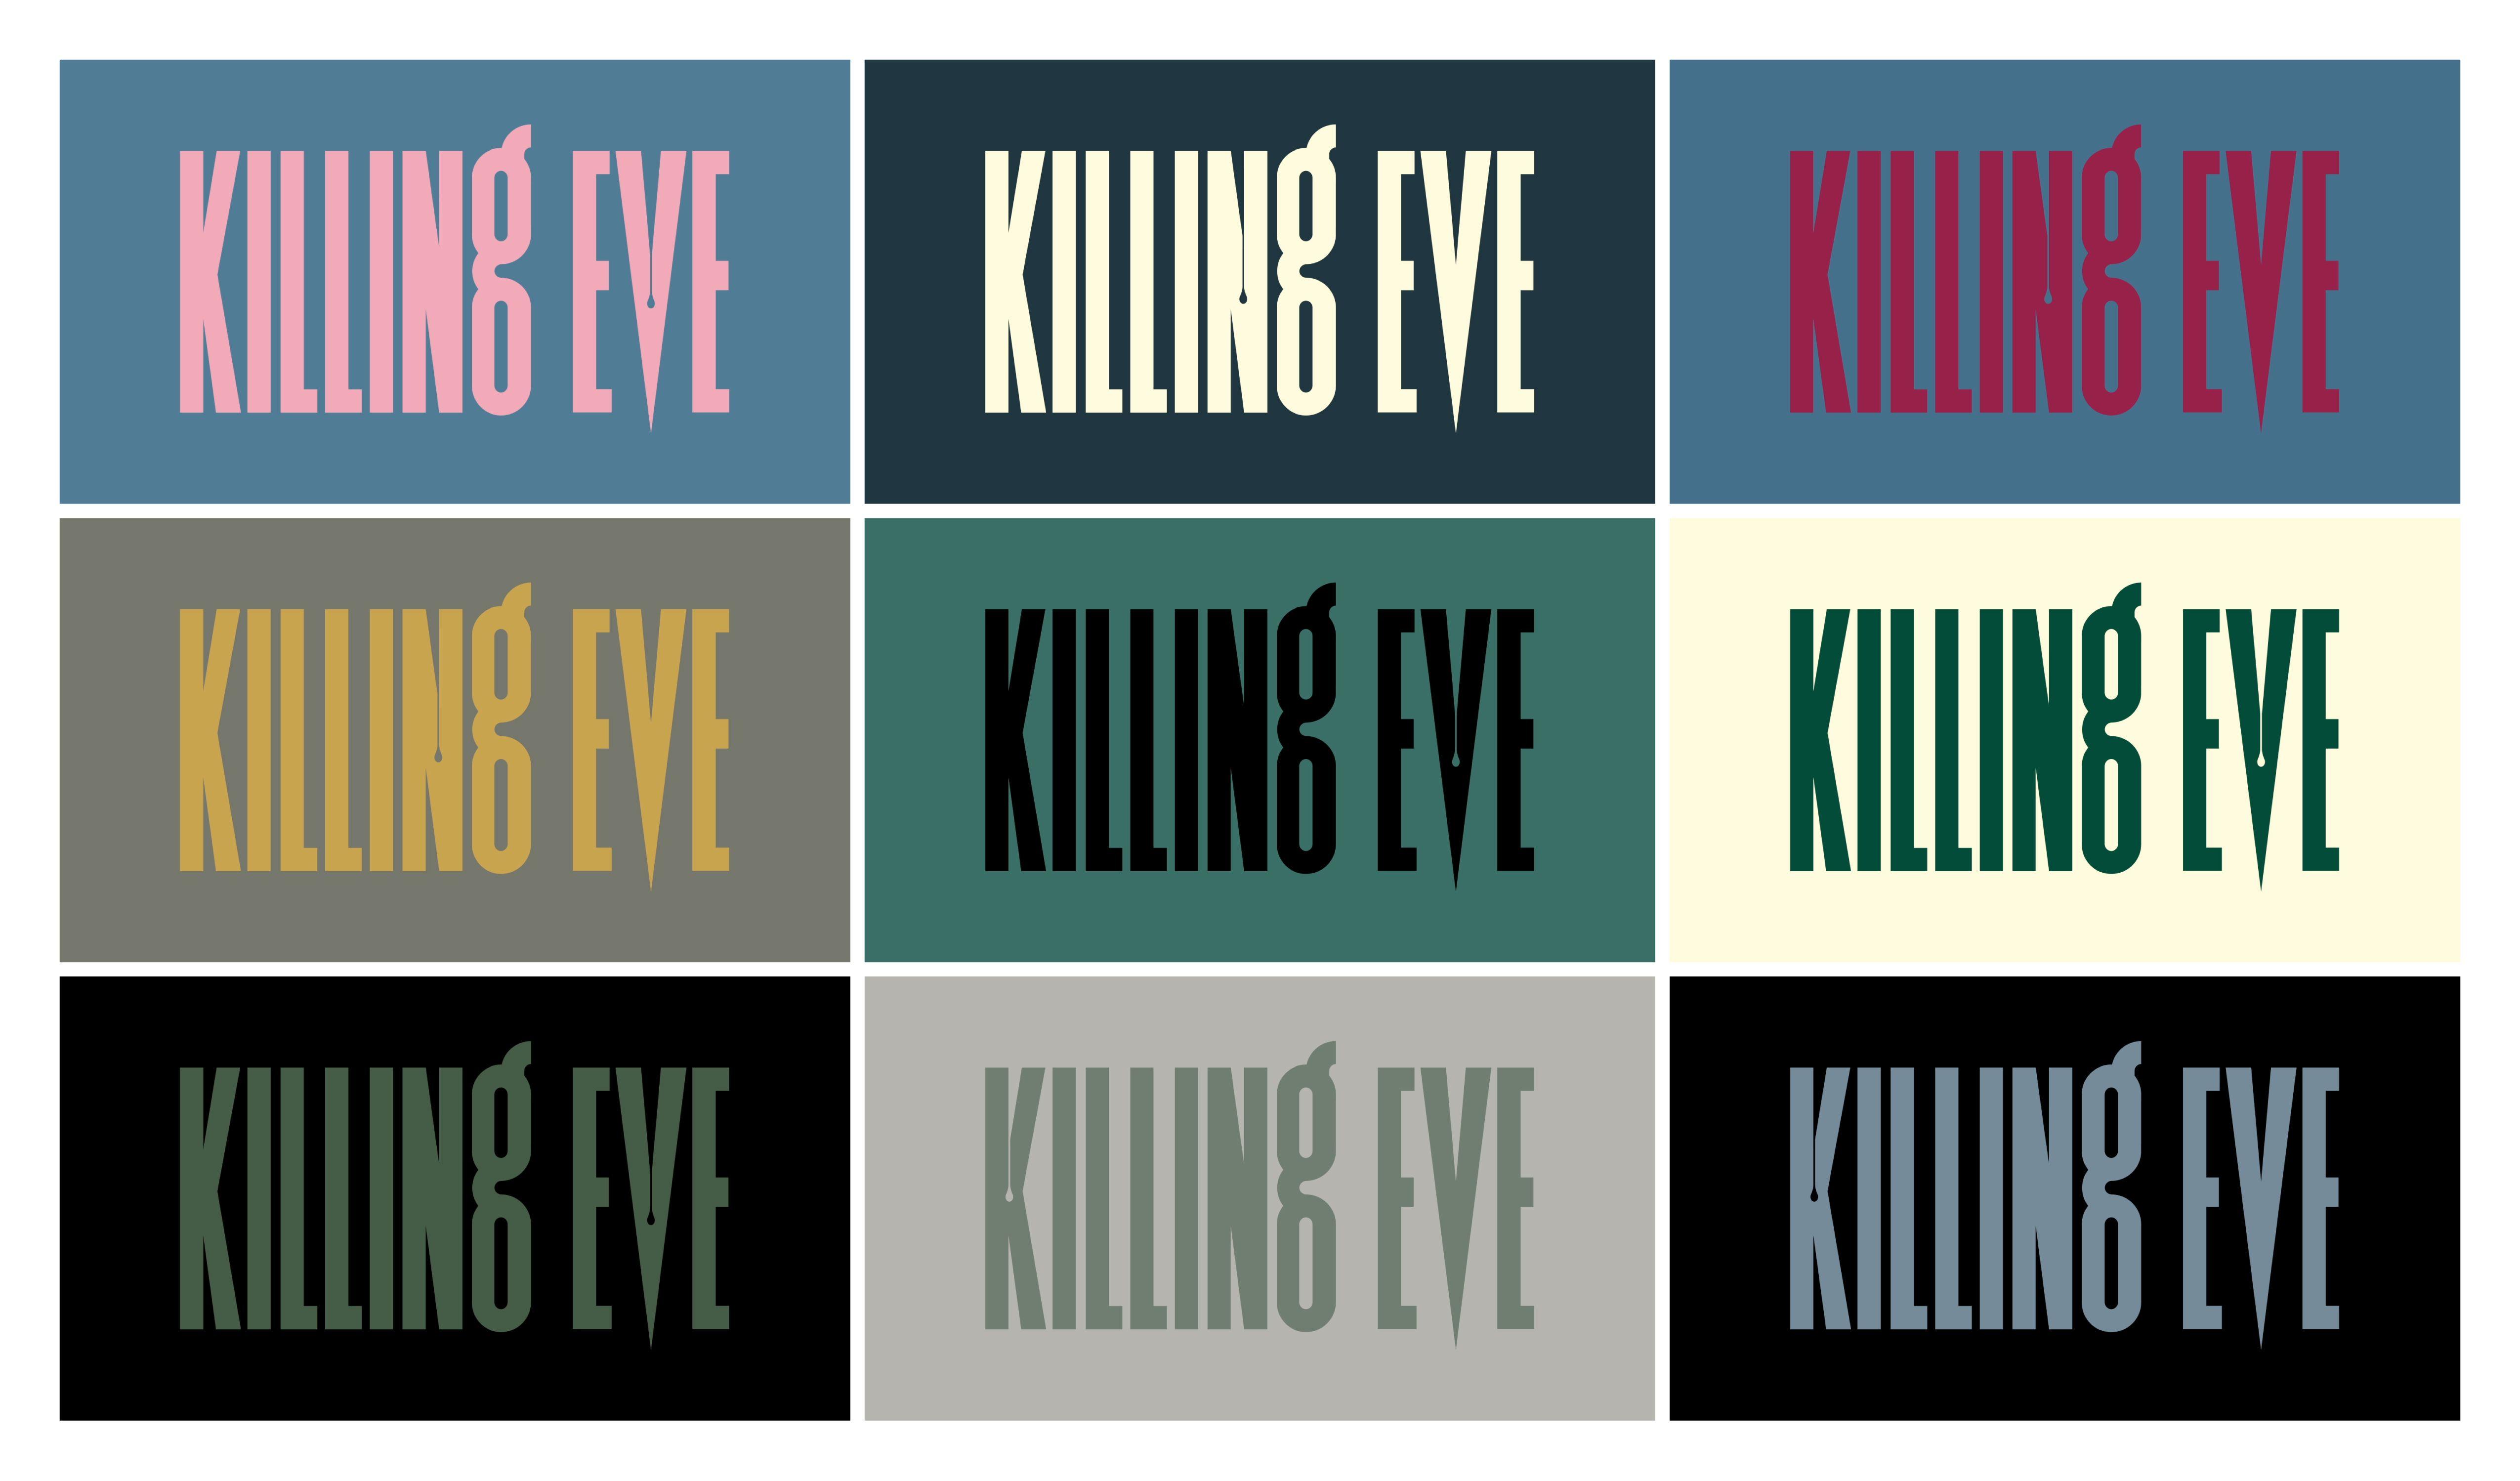 ボード「kiling eve」のピン